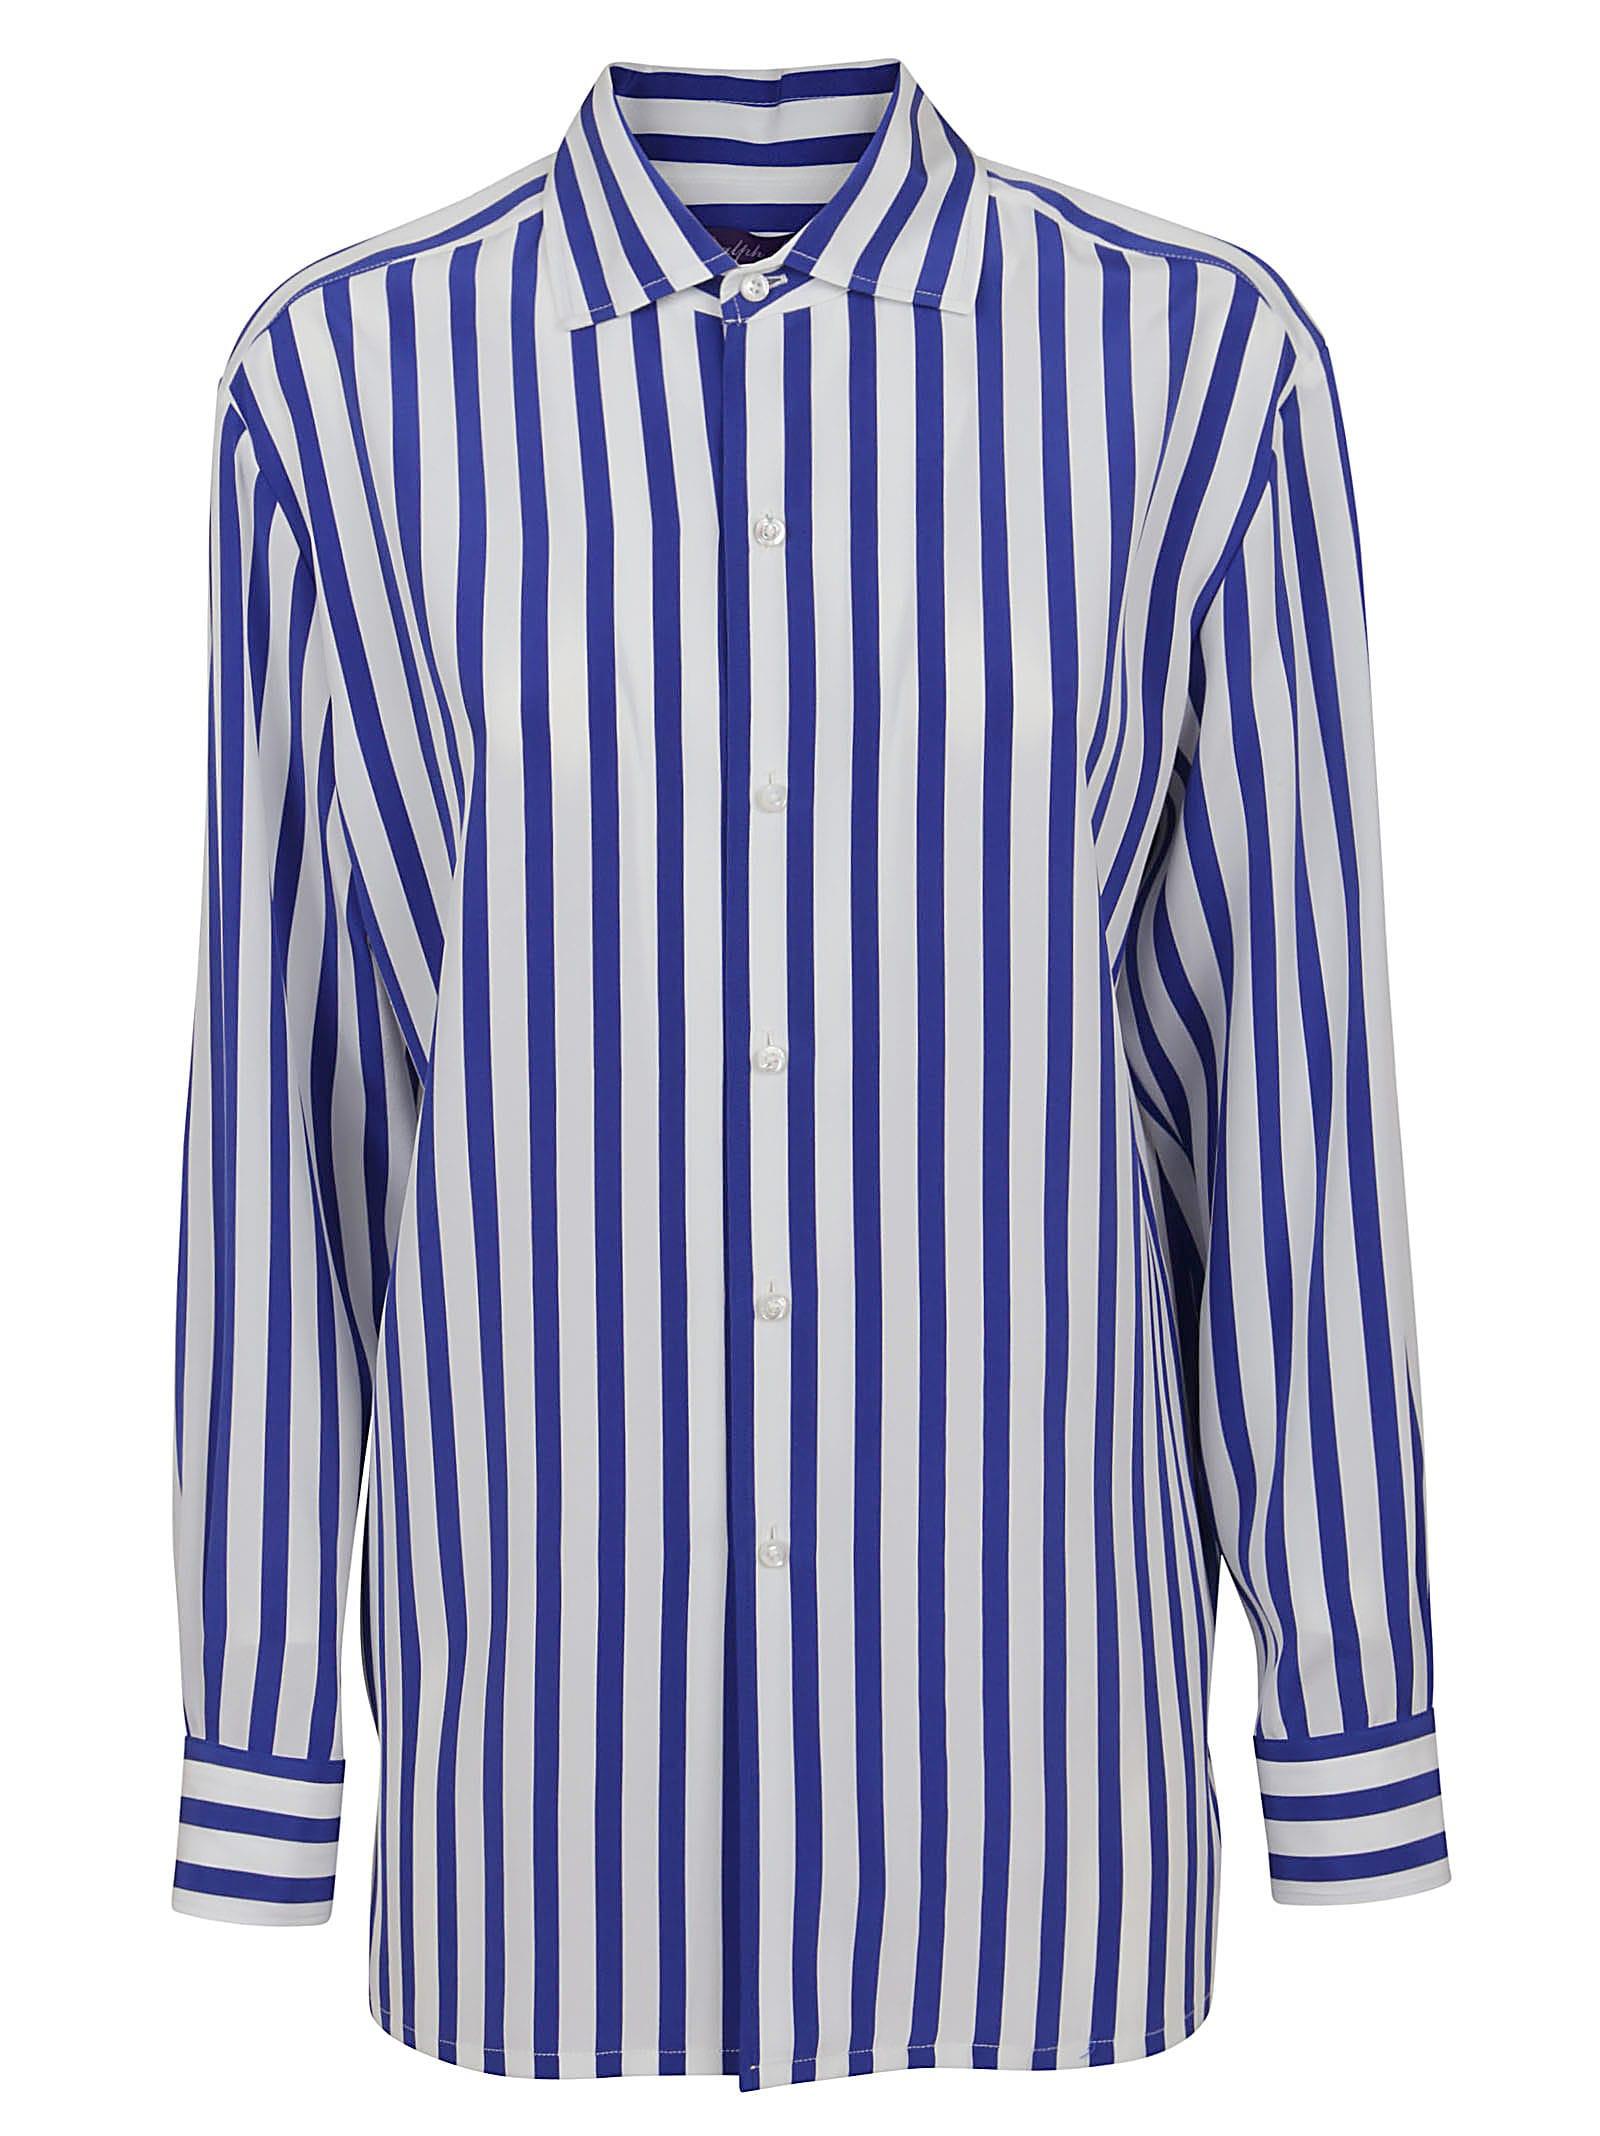 Ralph Lauren Shirts CAPRI BUTTON FRONT SHIRT